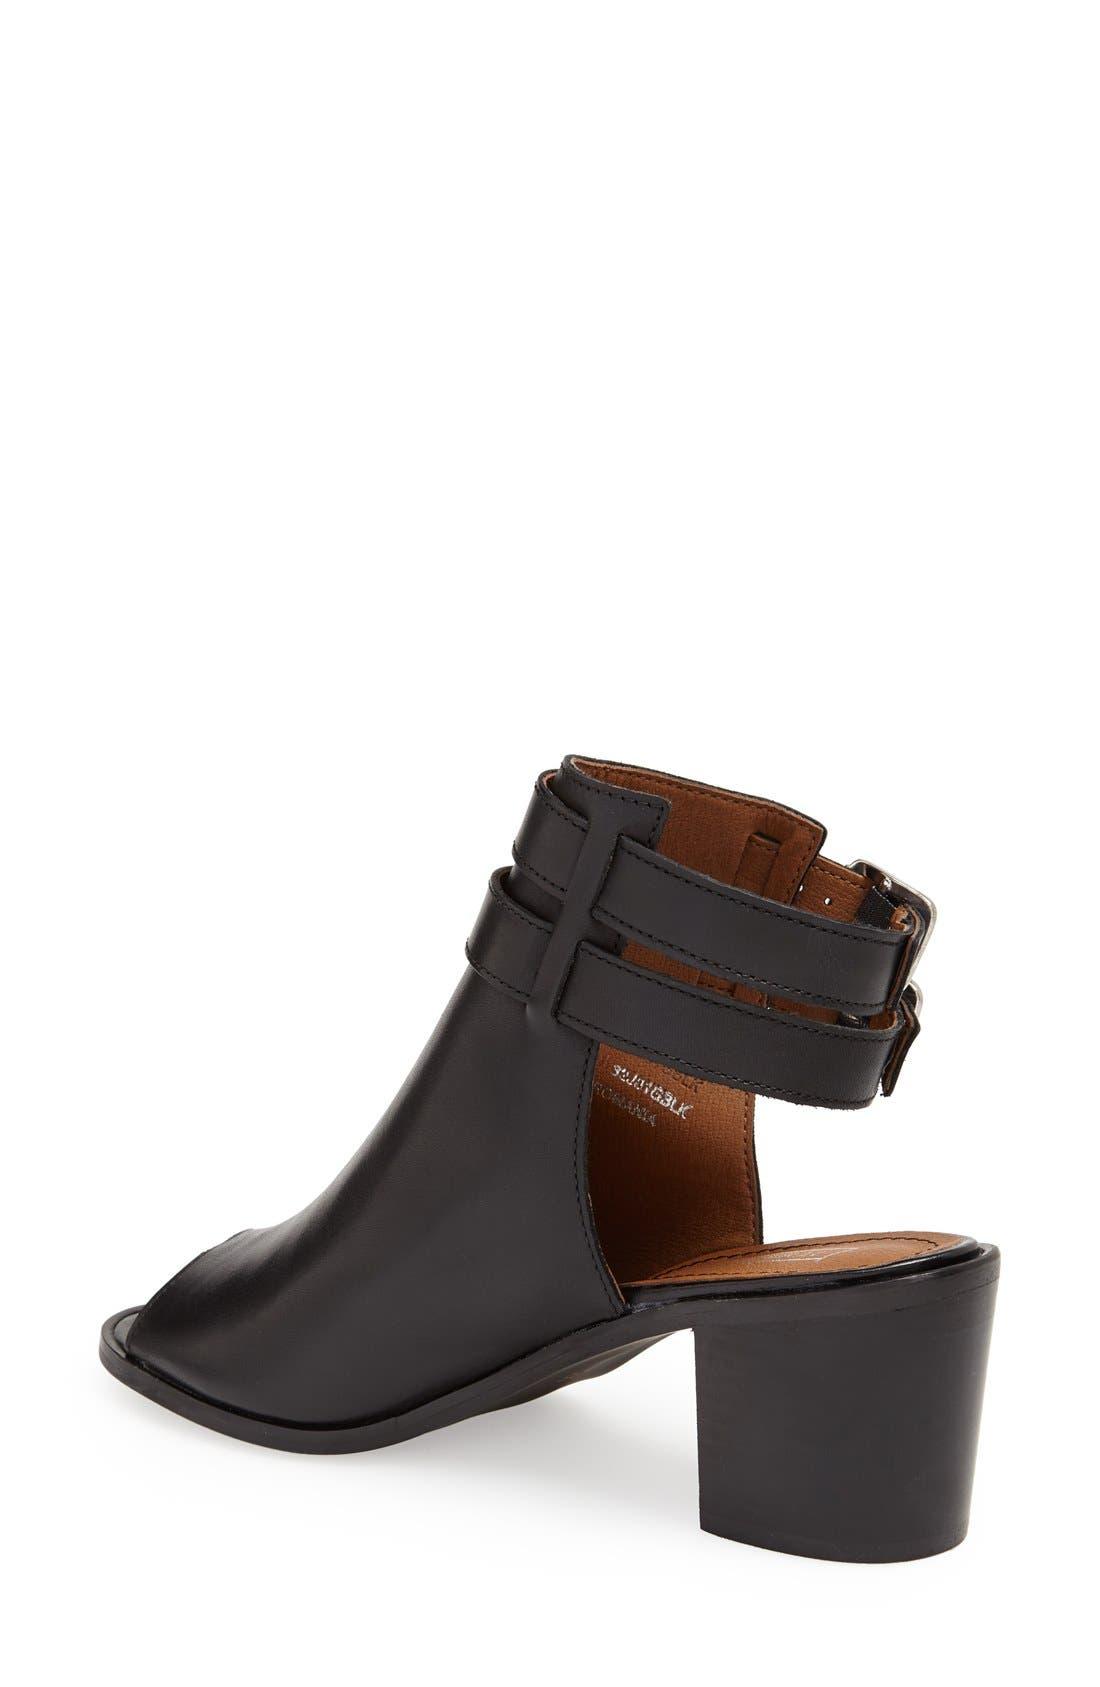 'Jolie' Bootie Sandal,                             Alternate thumbnail 2, color,                             Black